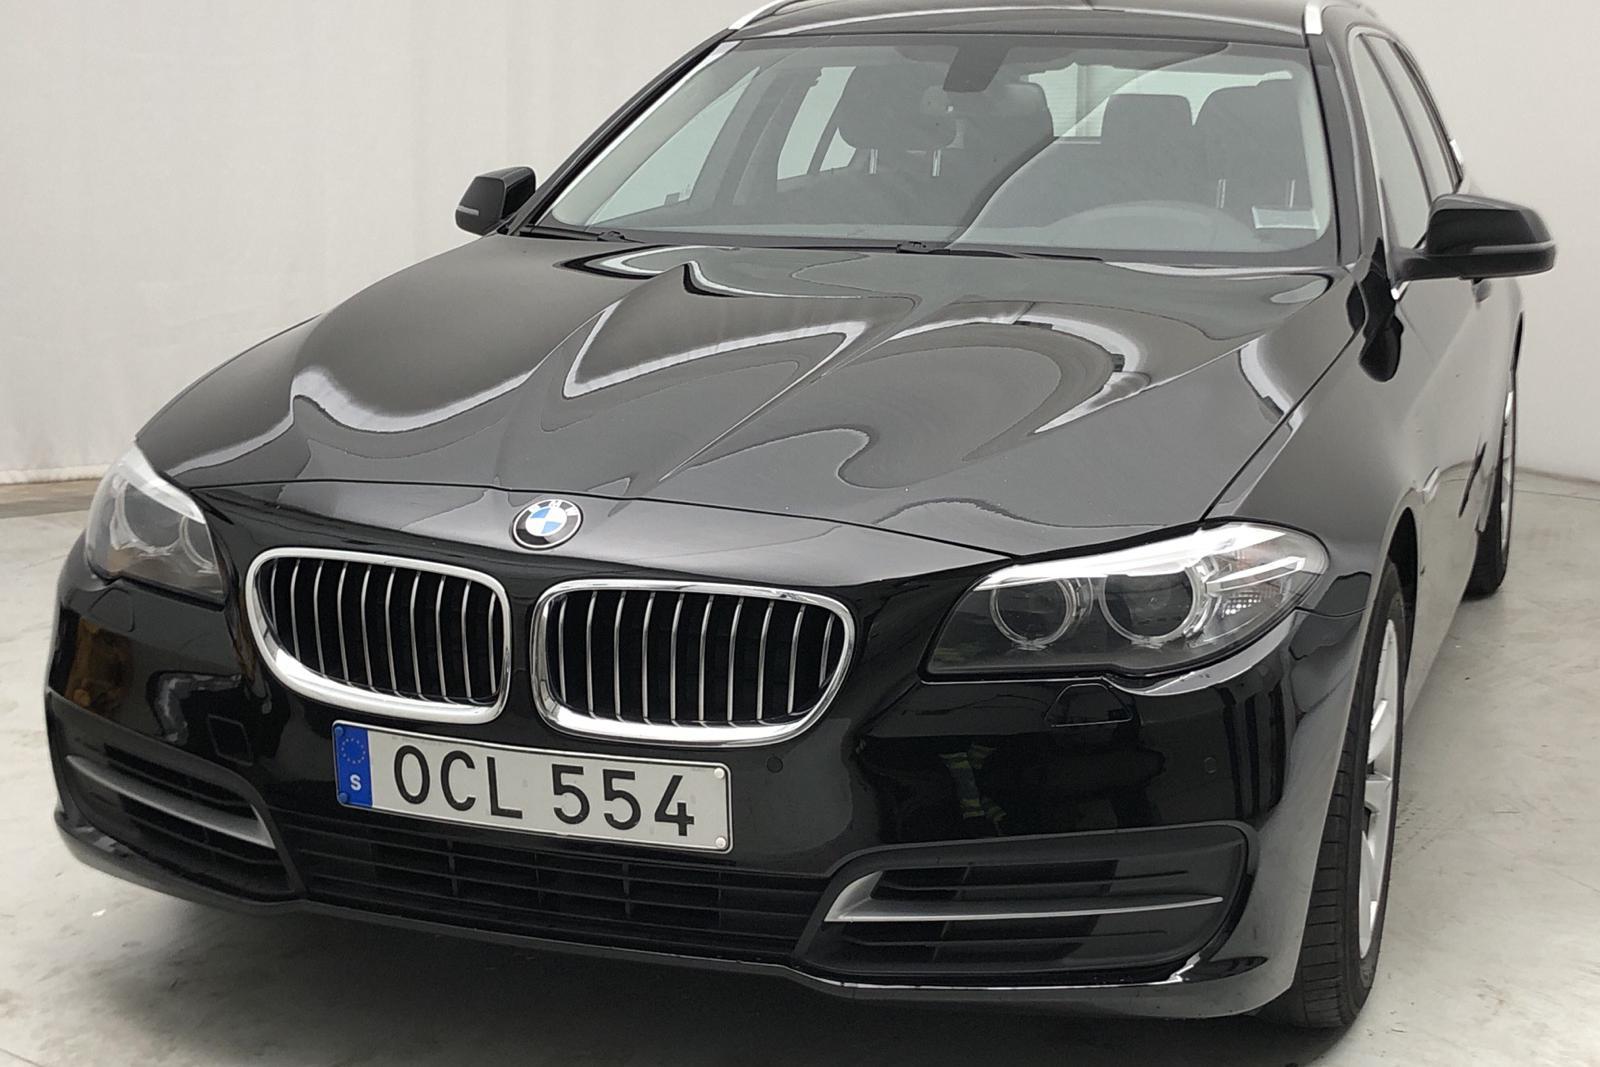 BMW 520d xDrive Touring, F11 (190hk) - 0 km - Automatic - black - 2016